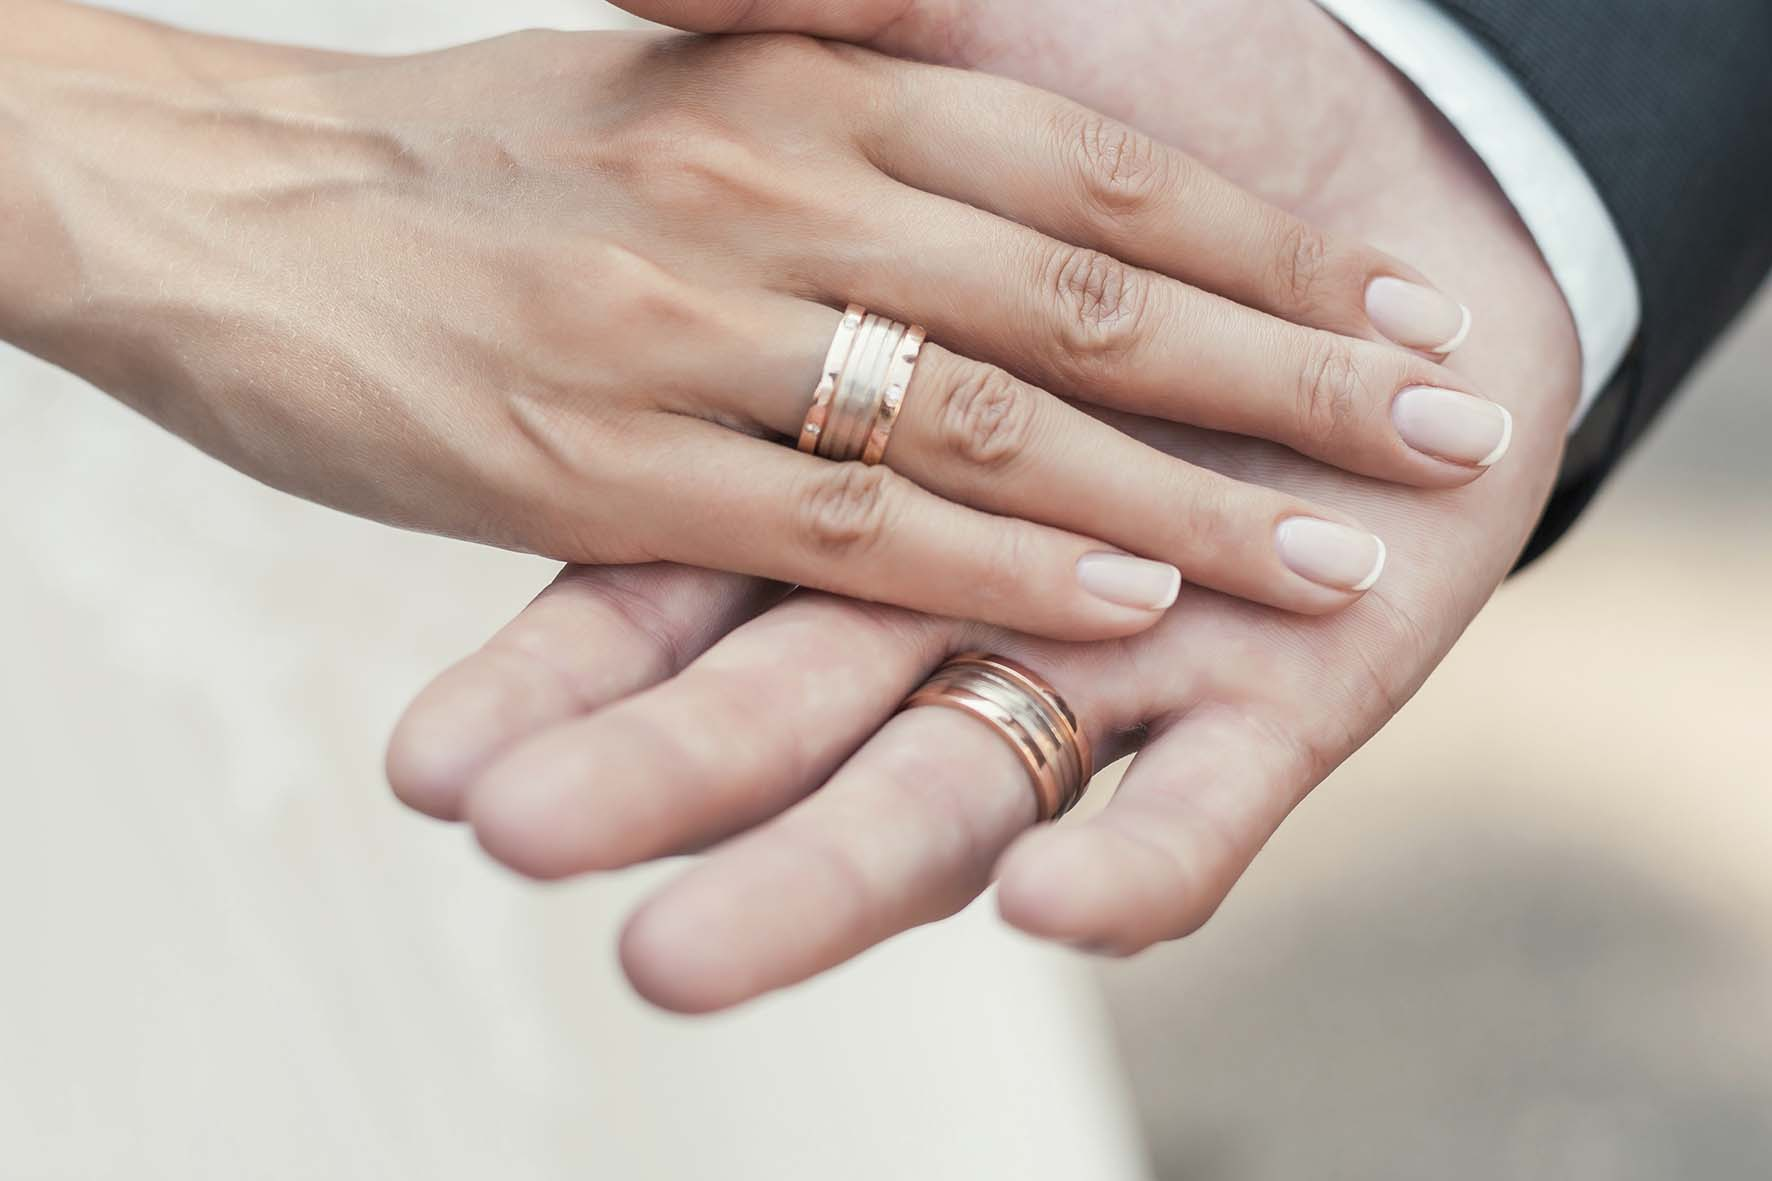 New Ring Turning Finger Black